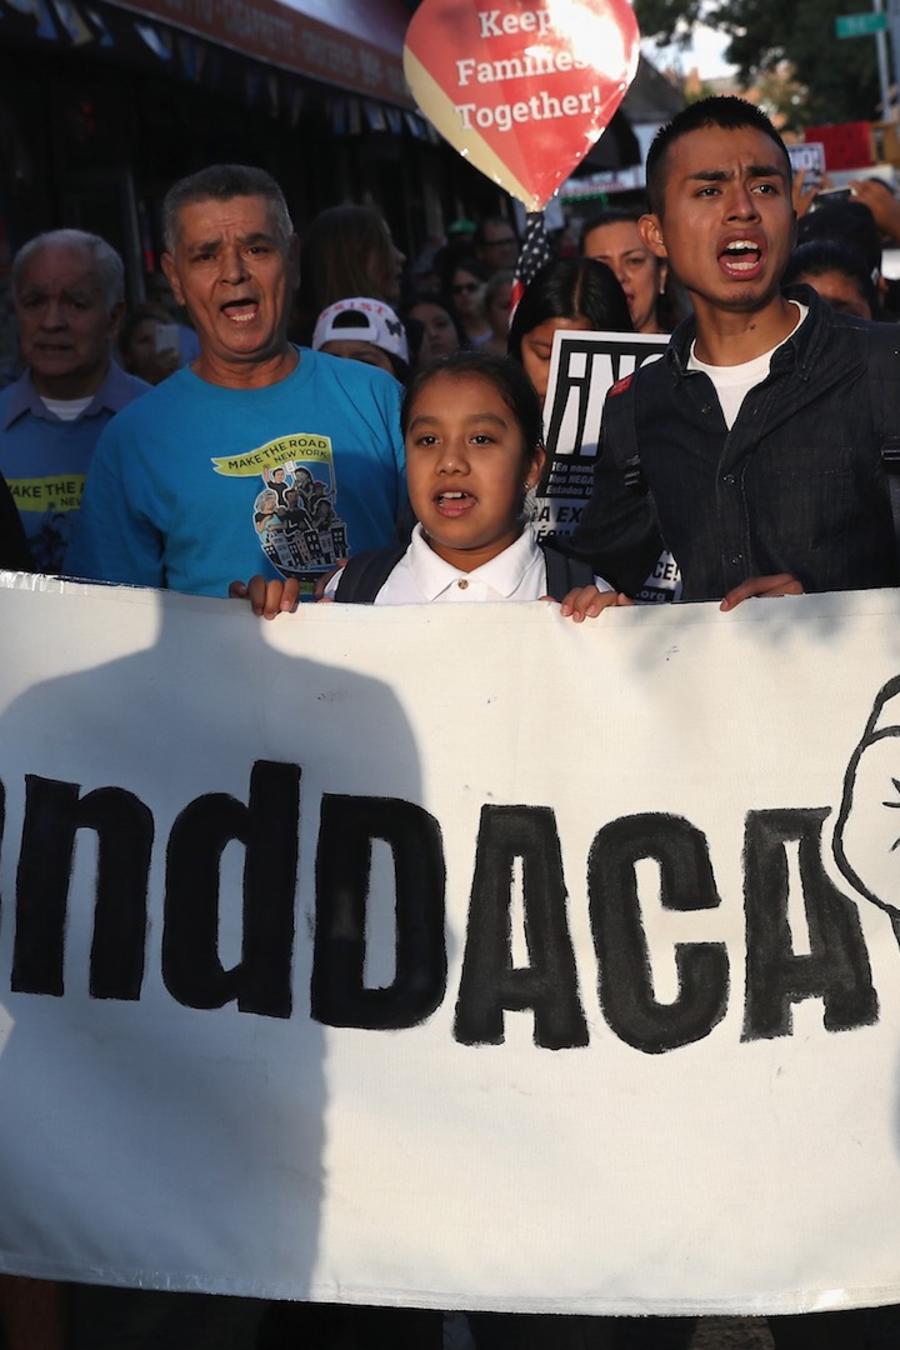 Grupo de personas defendiendo DACA